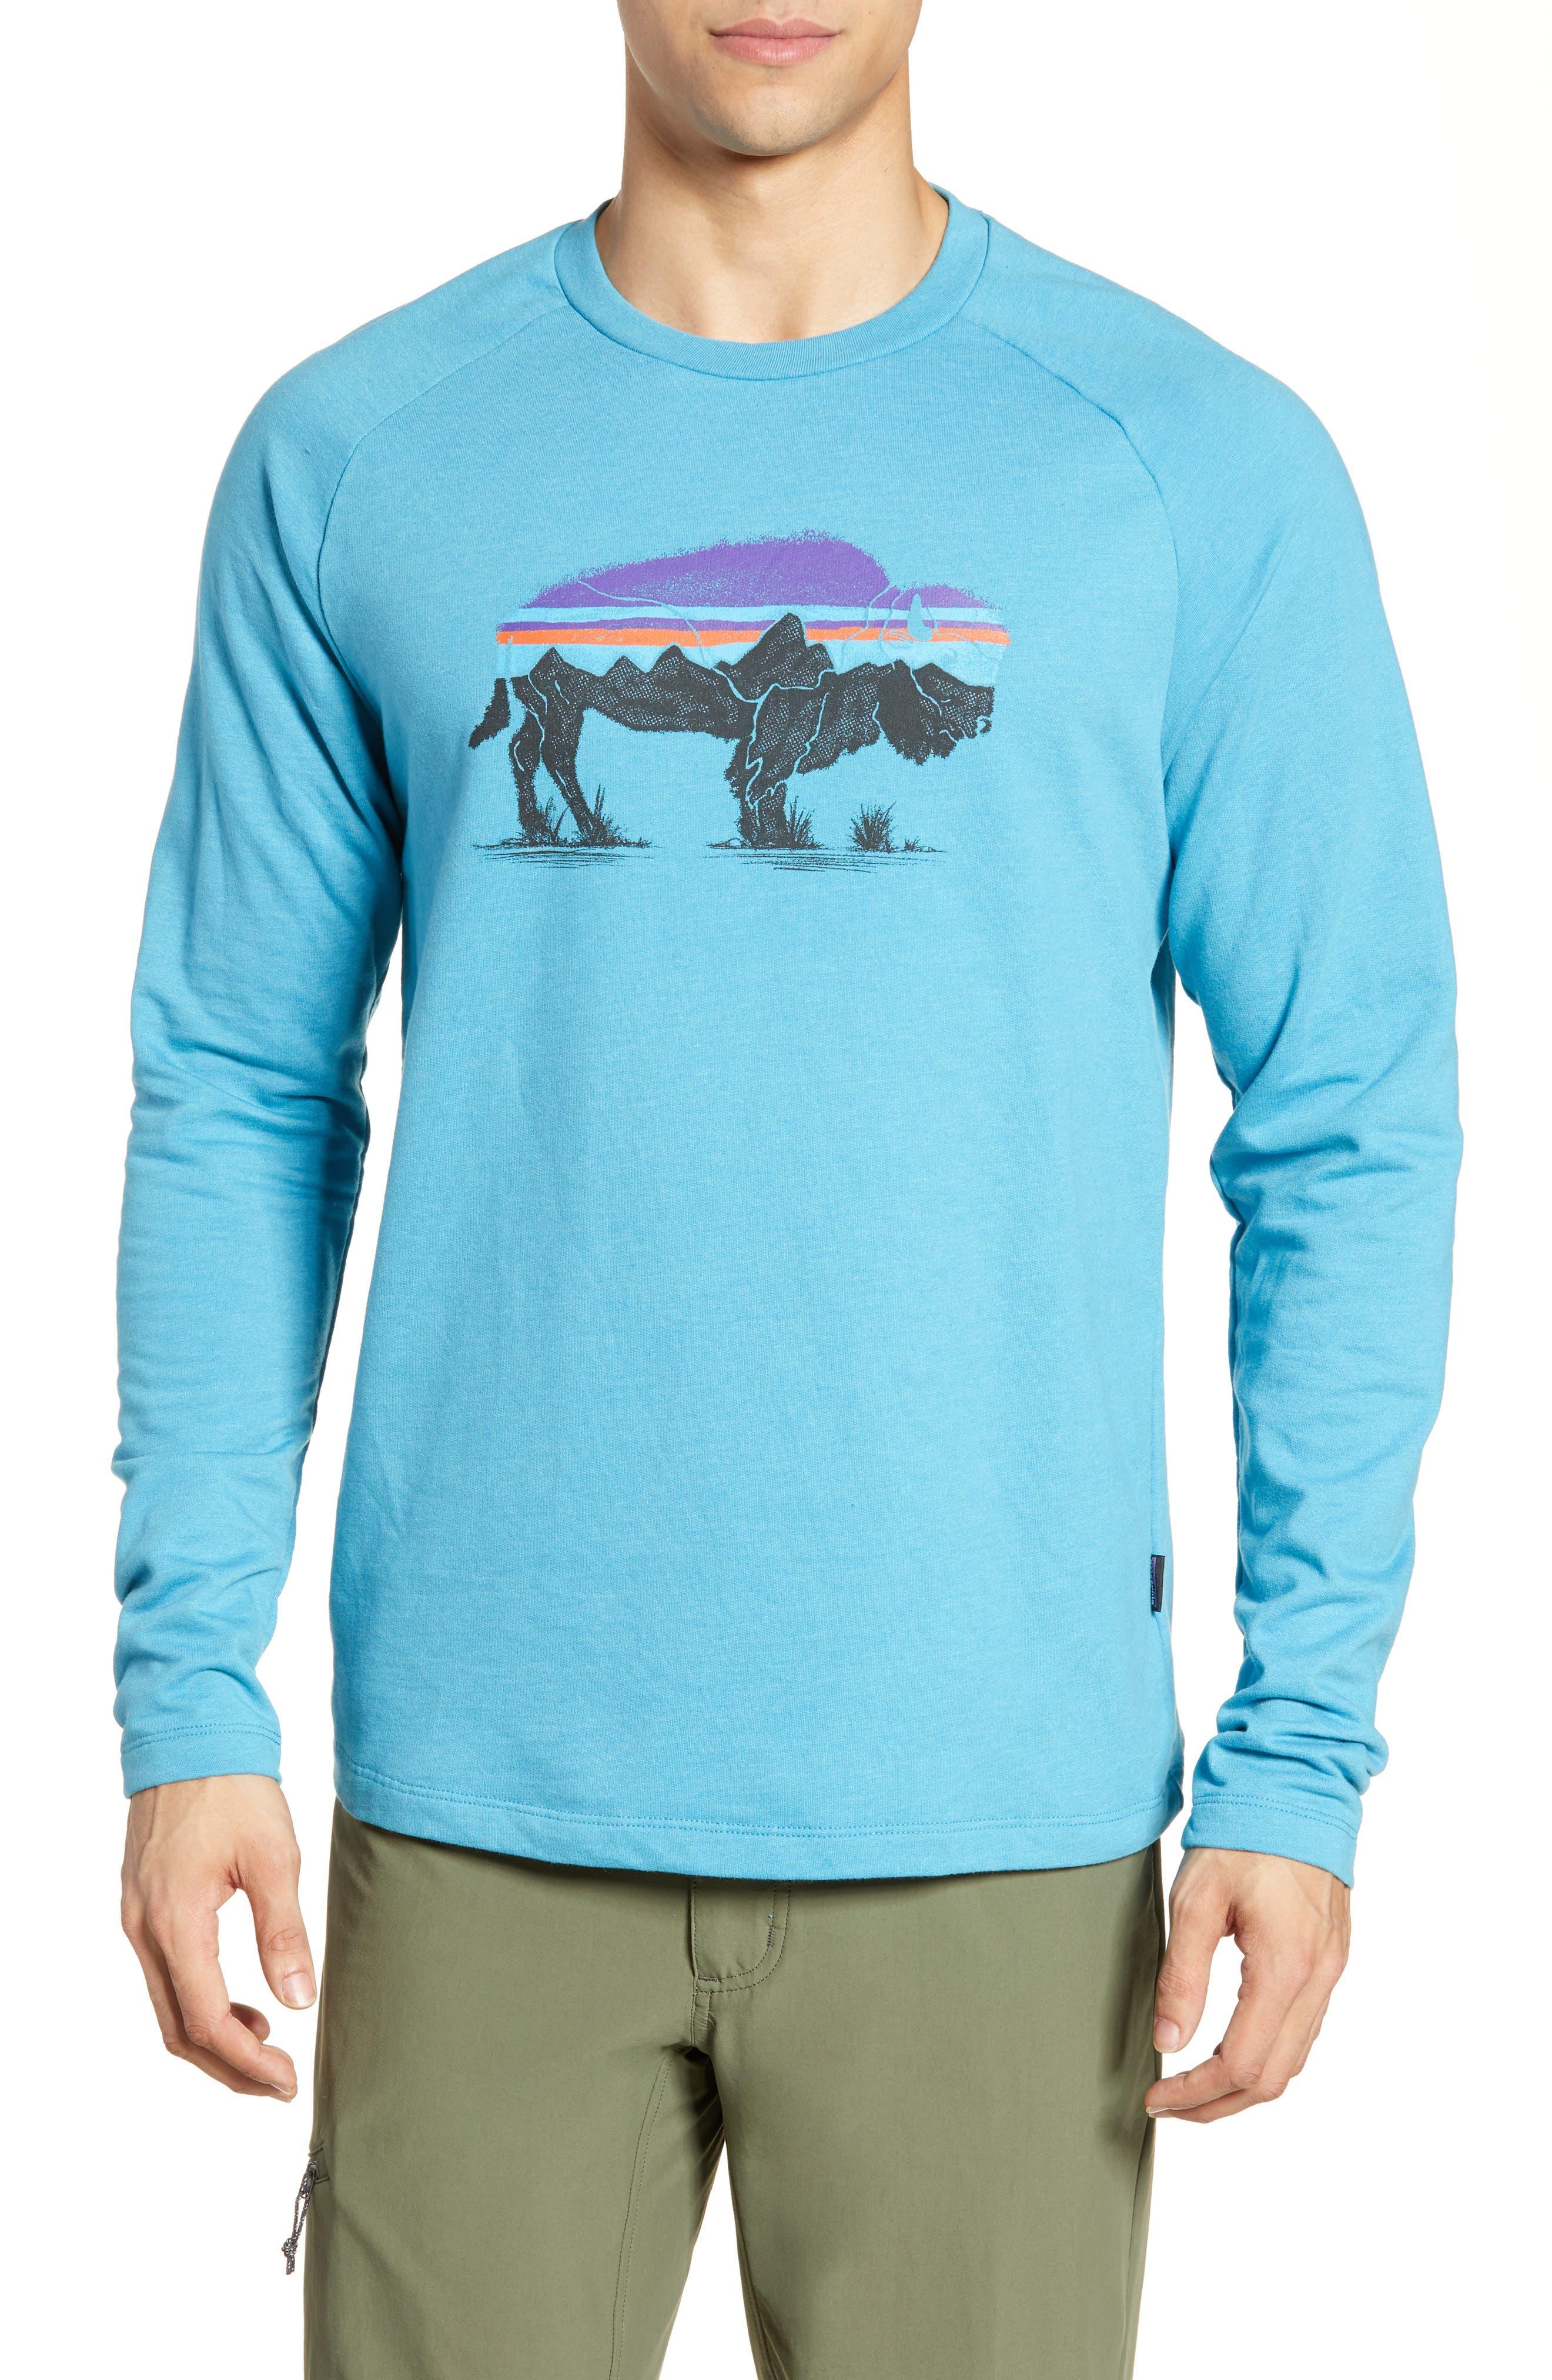 Patagona Fitz Roy Bison Logo Sweatshirt